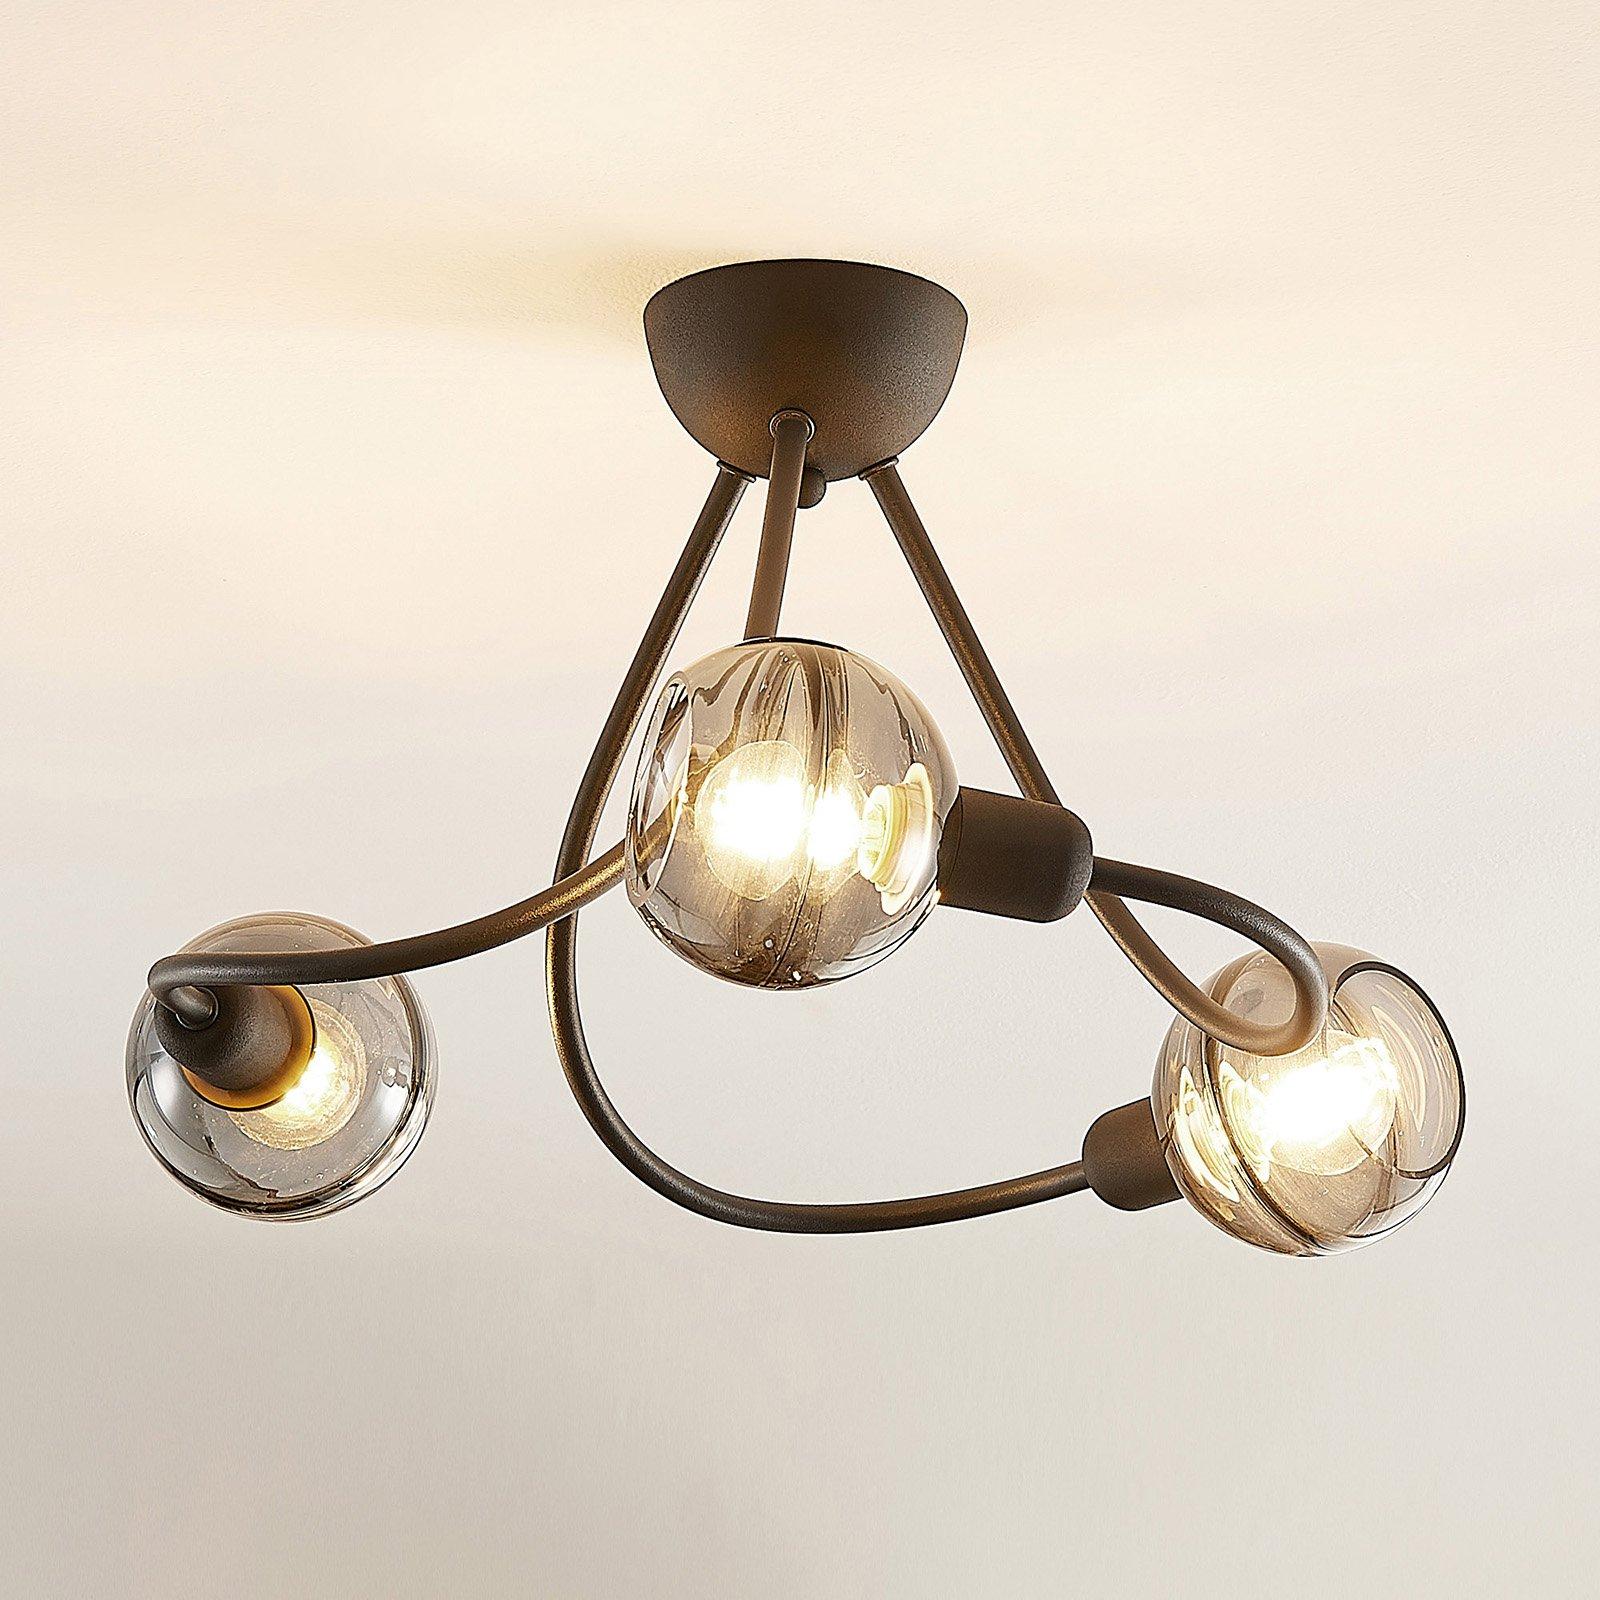 Lucande Ably taklampe, røykglass, 3 lyskilder